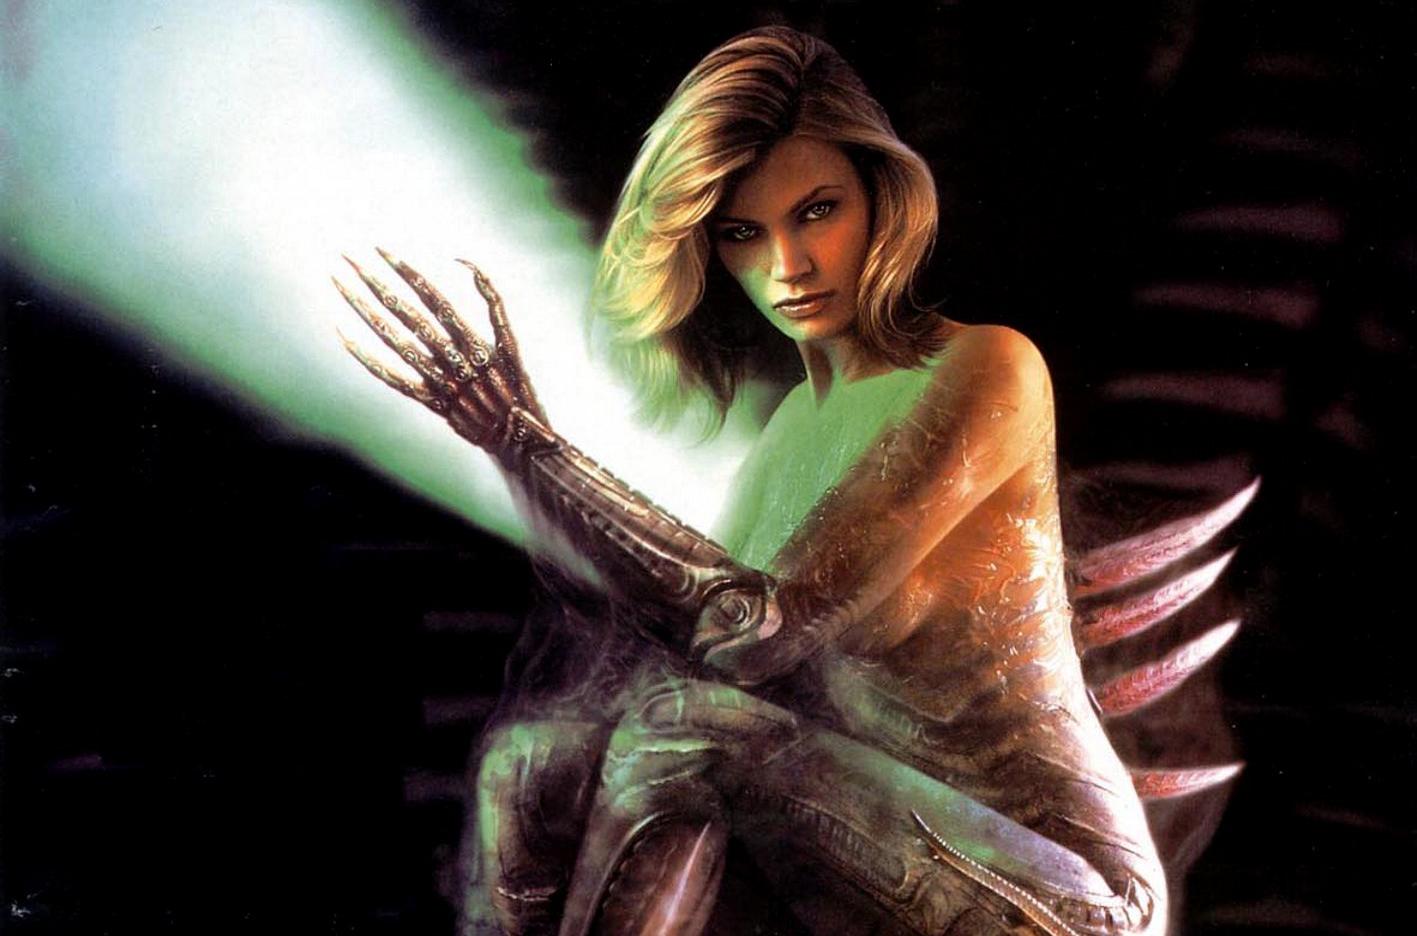 #经典影视#一部细思极恐的科幻片,科学家创造新物种,没想到酿成大祸!